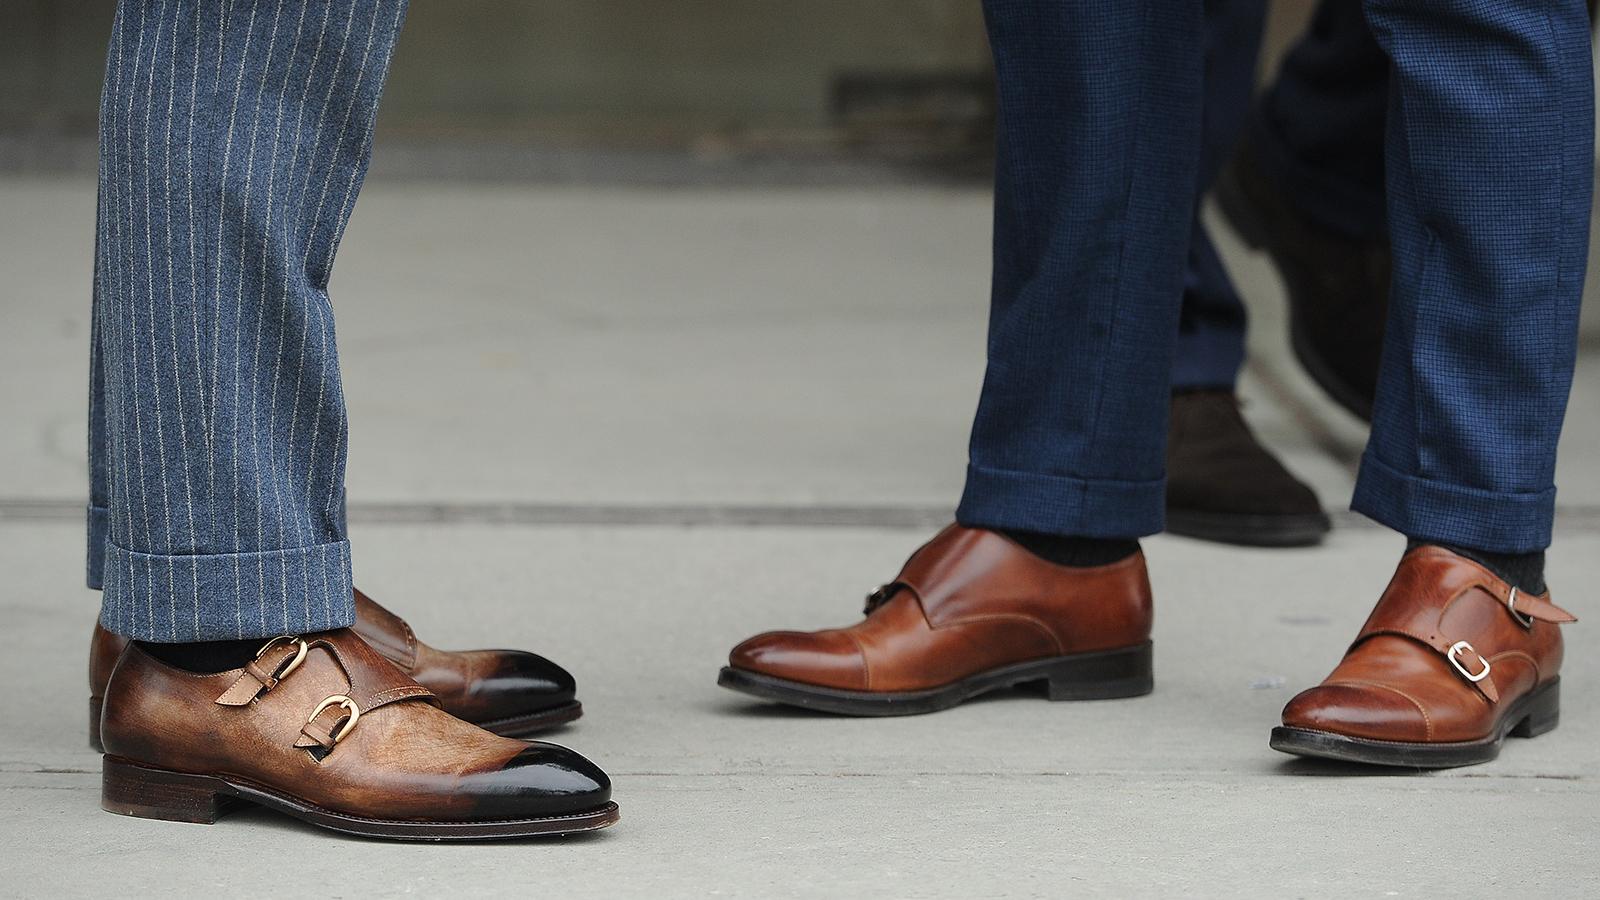 Calças masculinas: cinco tipos de calça pra todo homem saber usar